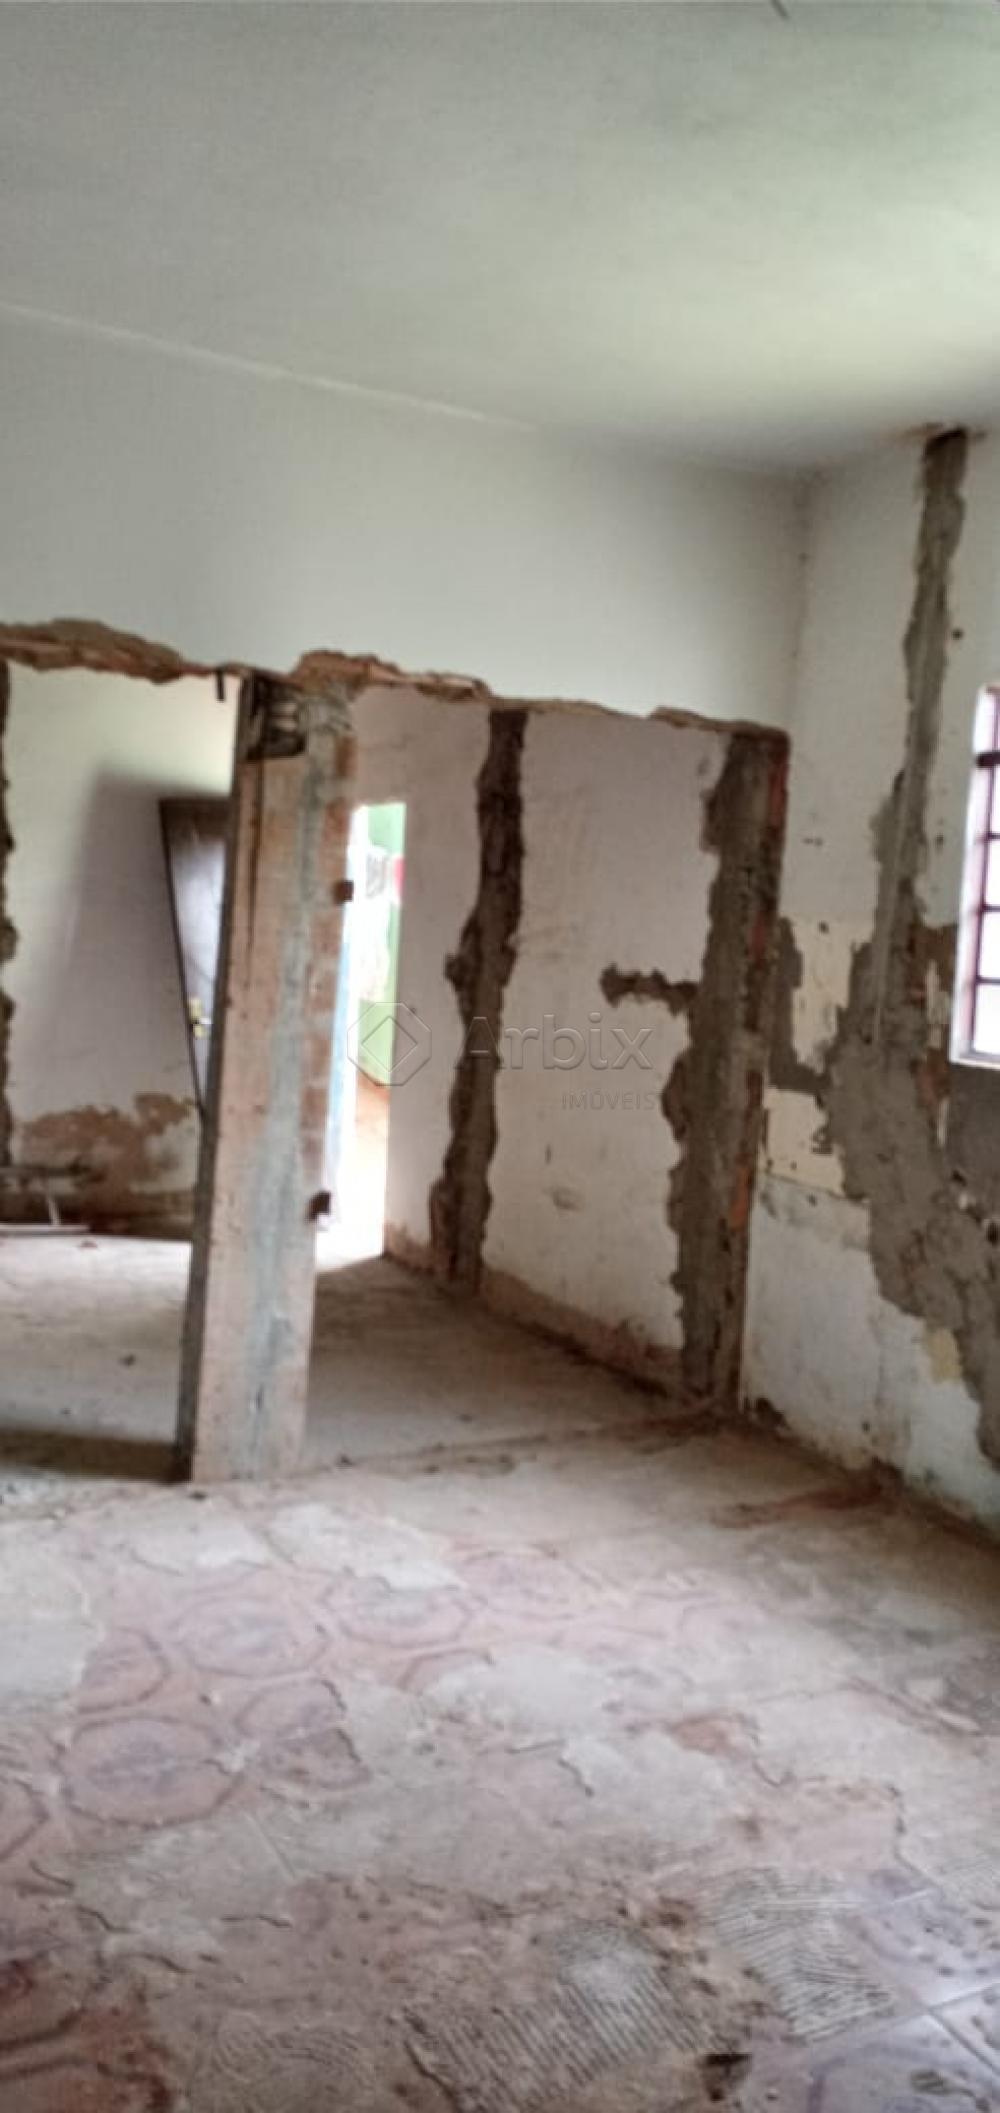 Comprar Casa / Residencial em Santa Bárbara D`Oeste apenas R$ 250.000,00 - Foto 18